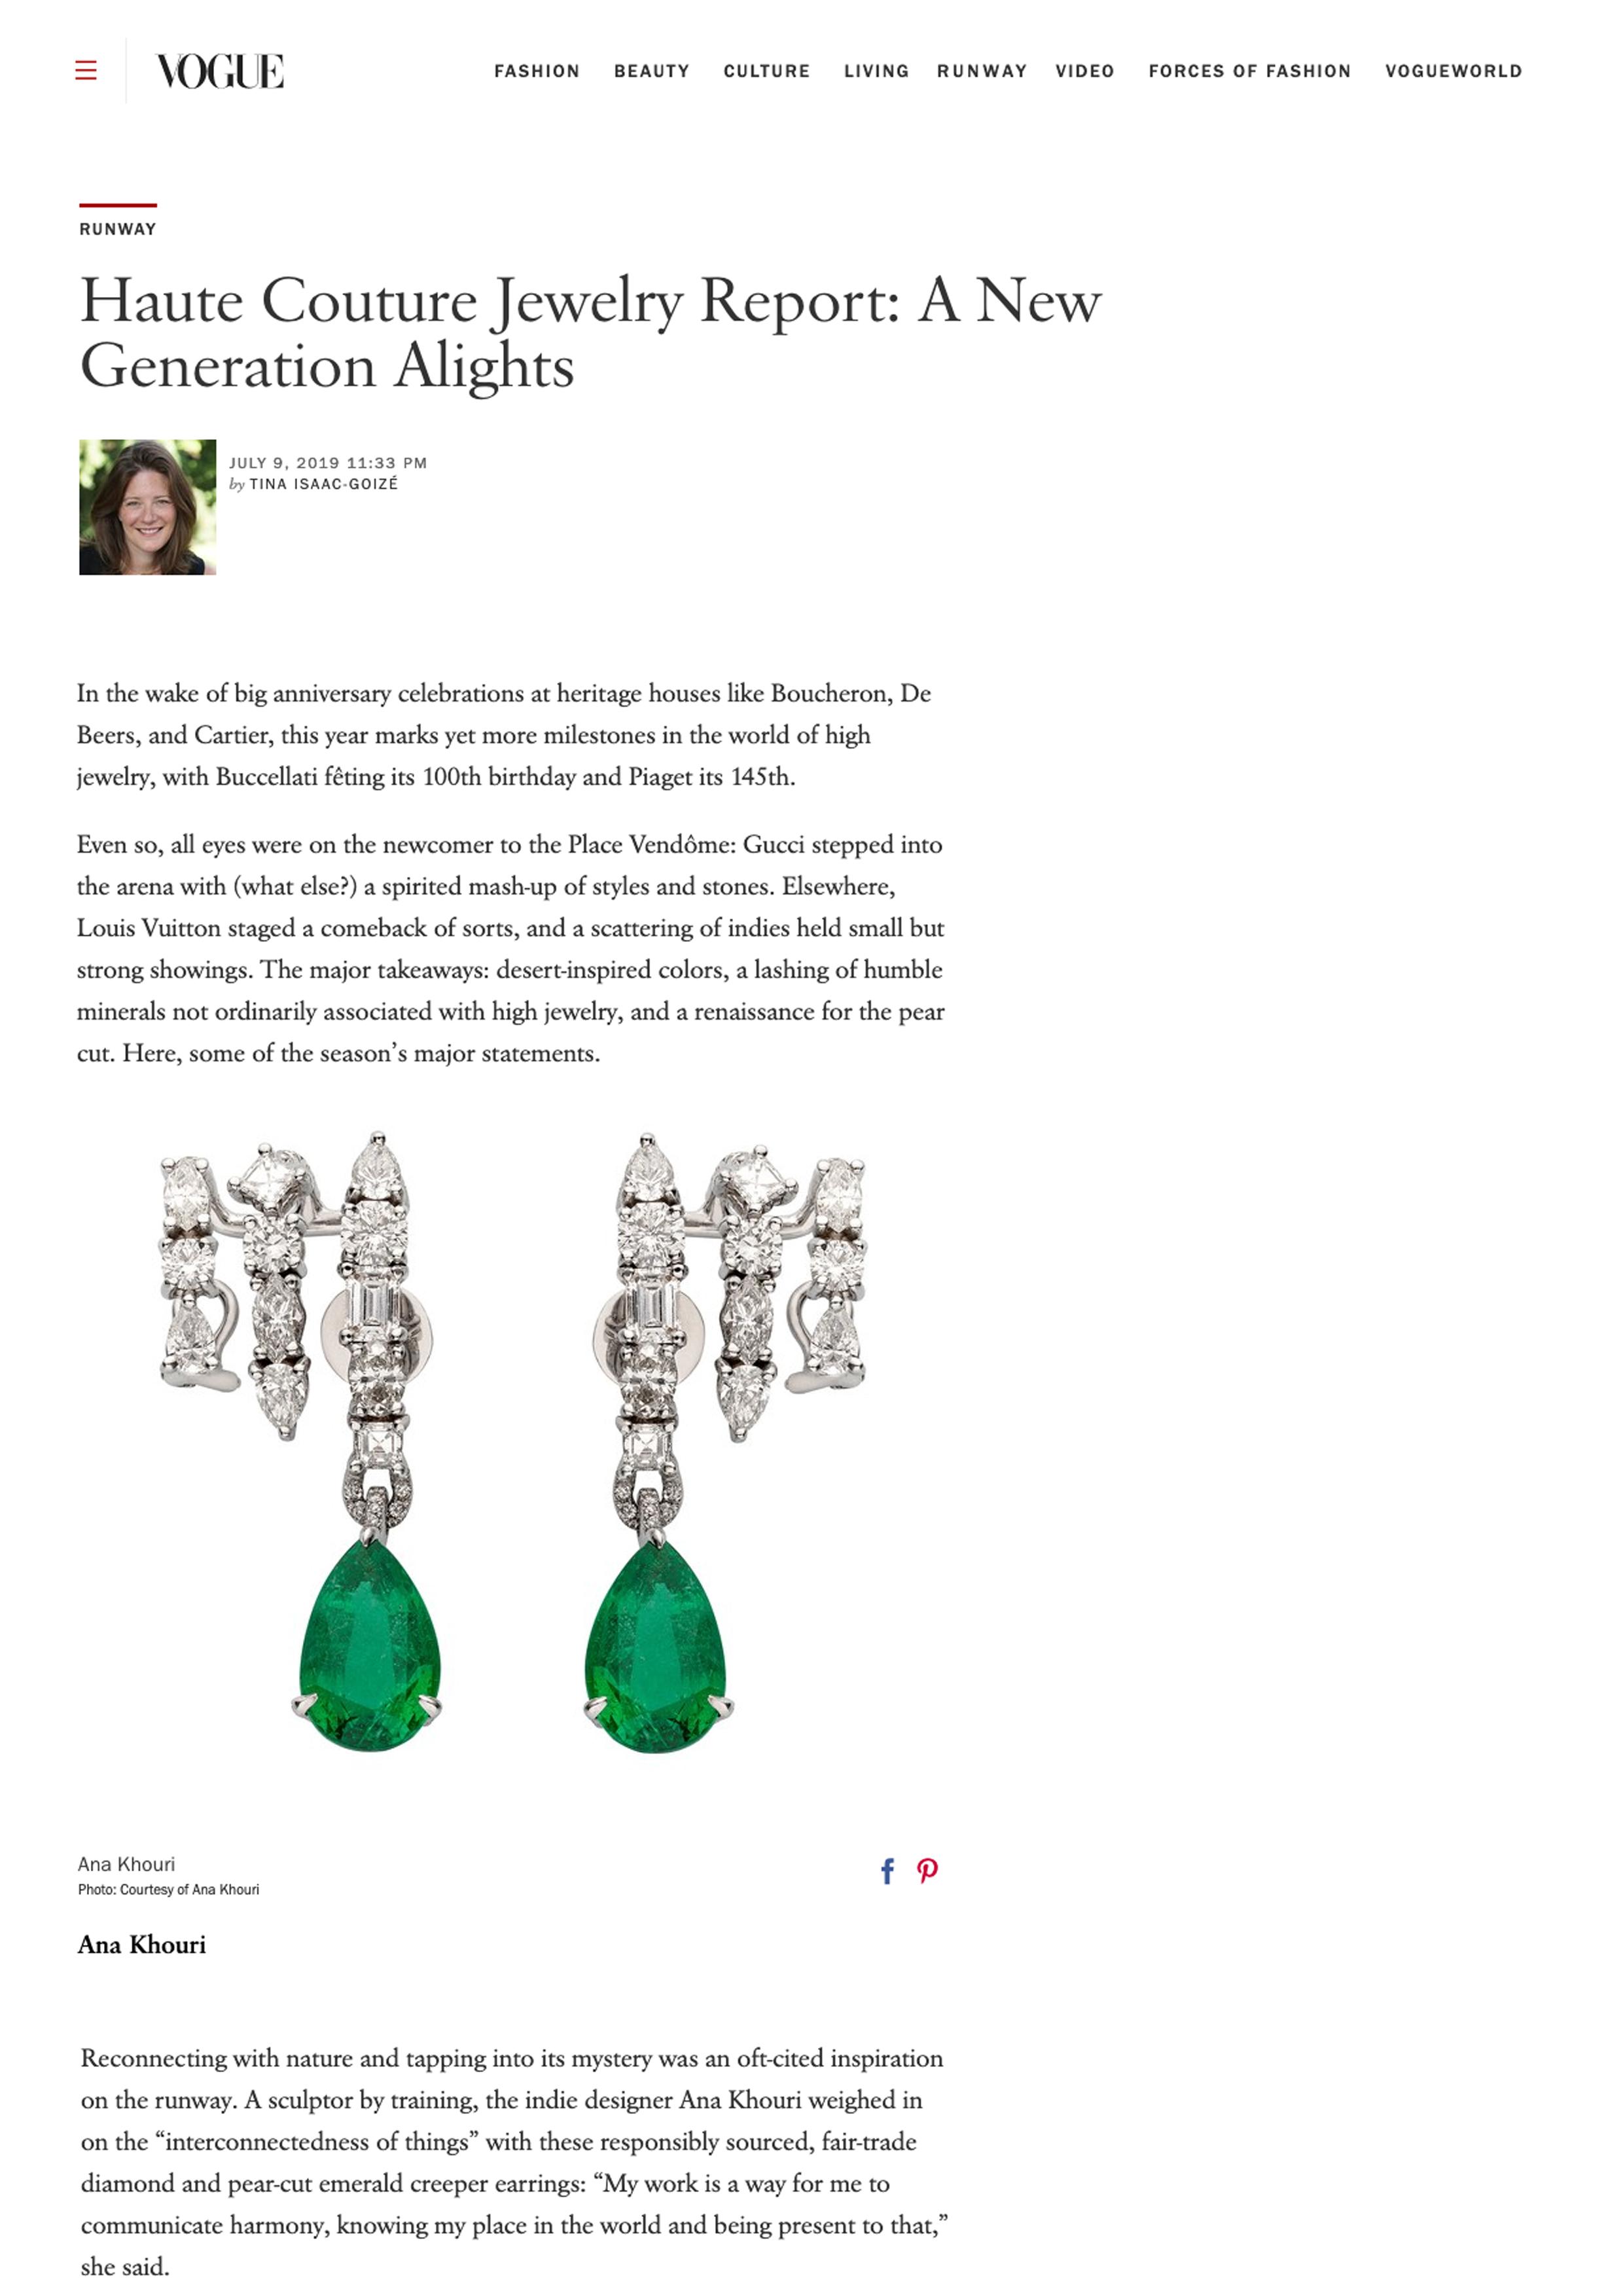 Vogue.com July 9, 2019.jpg